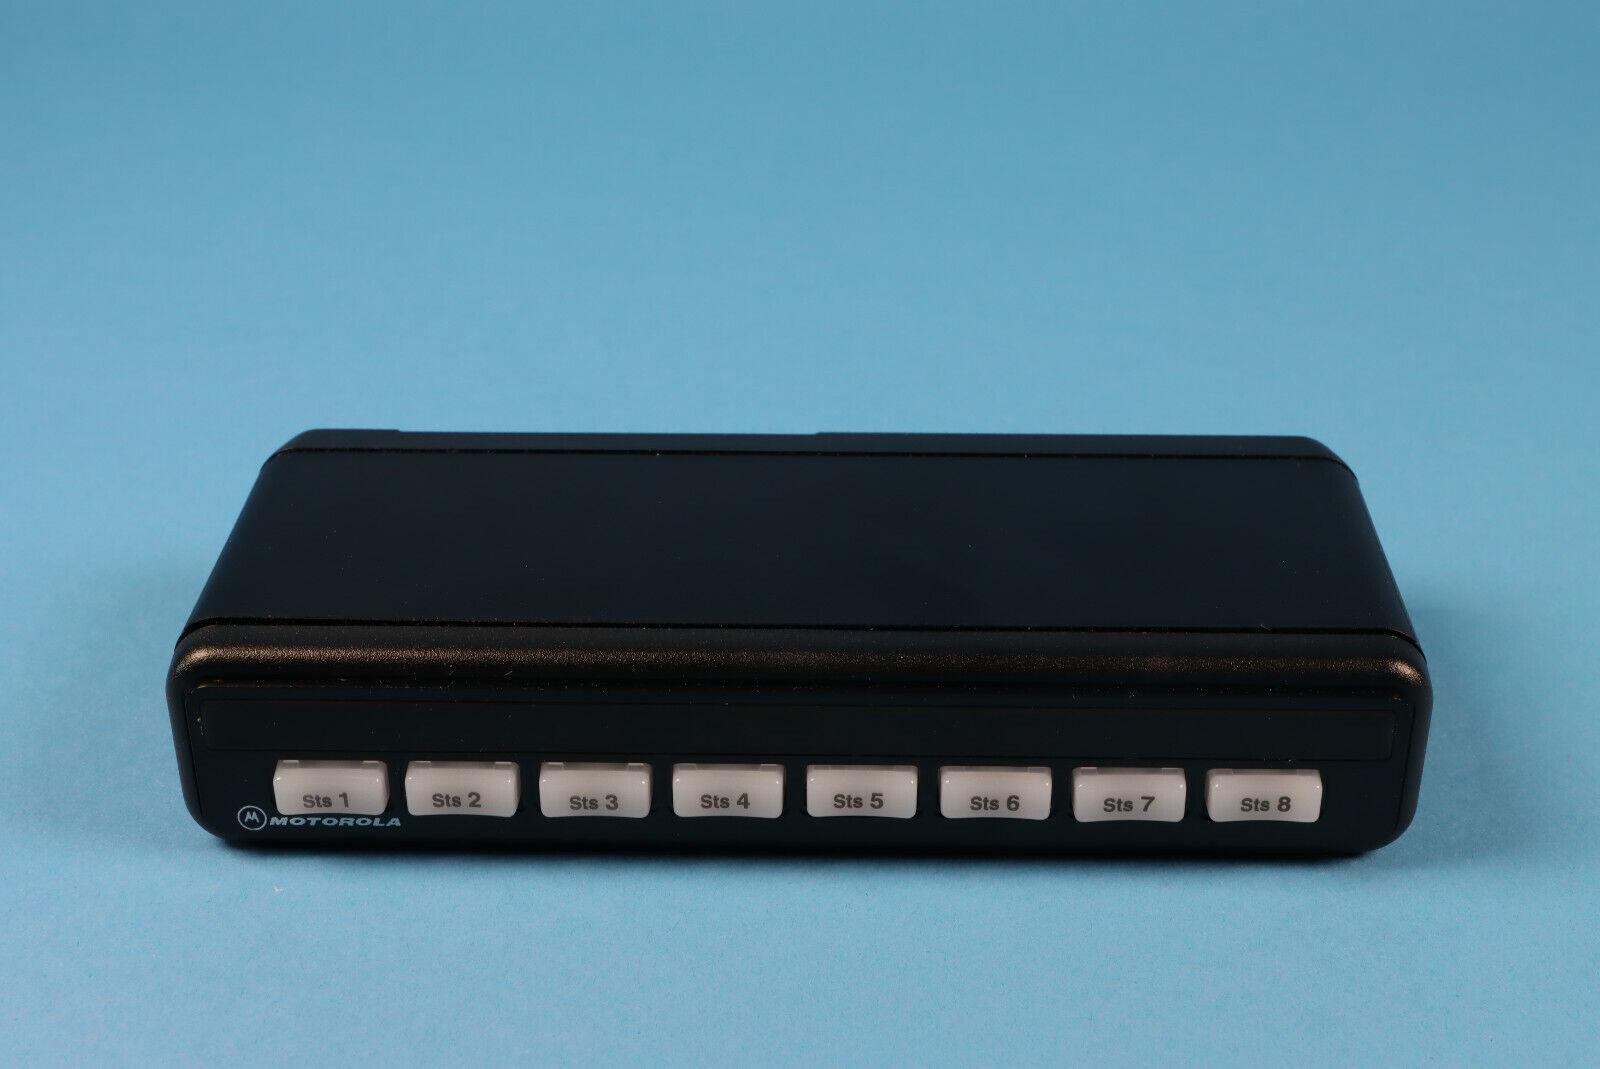 Motorola Systems 9000 HLN1198D & HLN1225D DEK Control Head Combo Spectra. Buy it now for 24.00